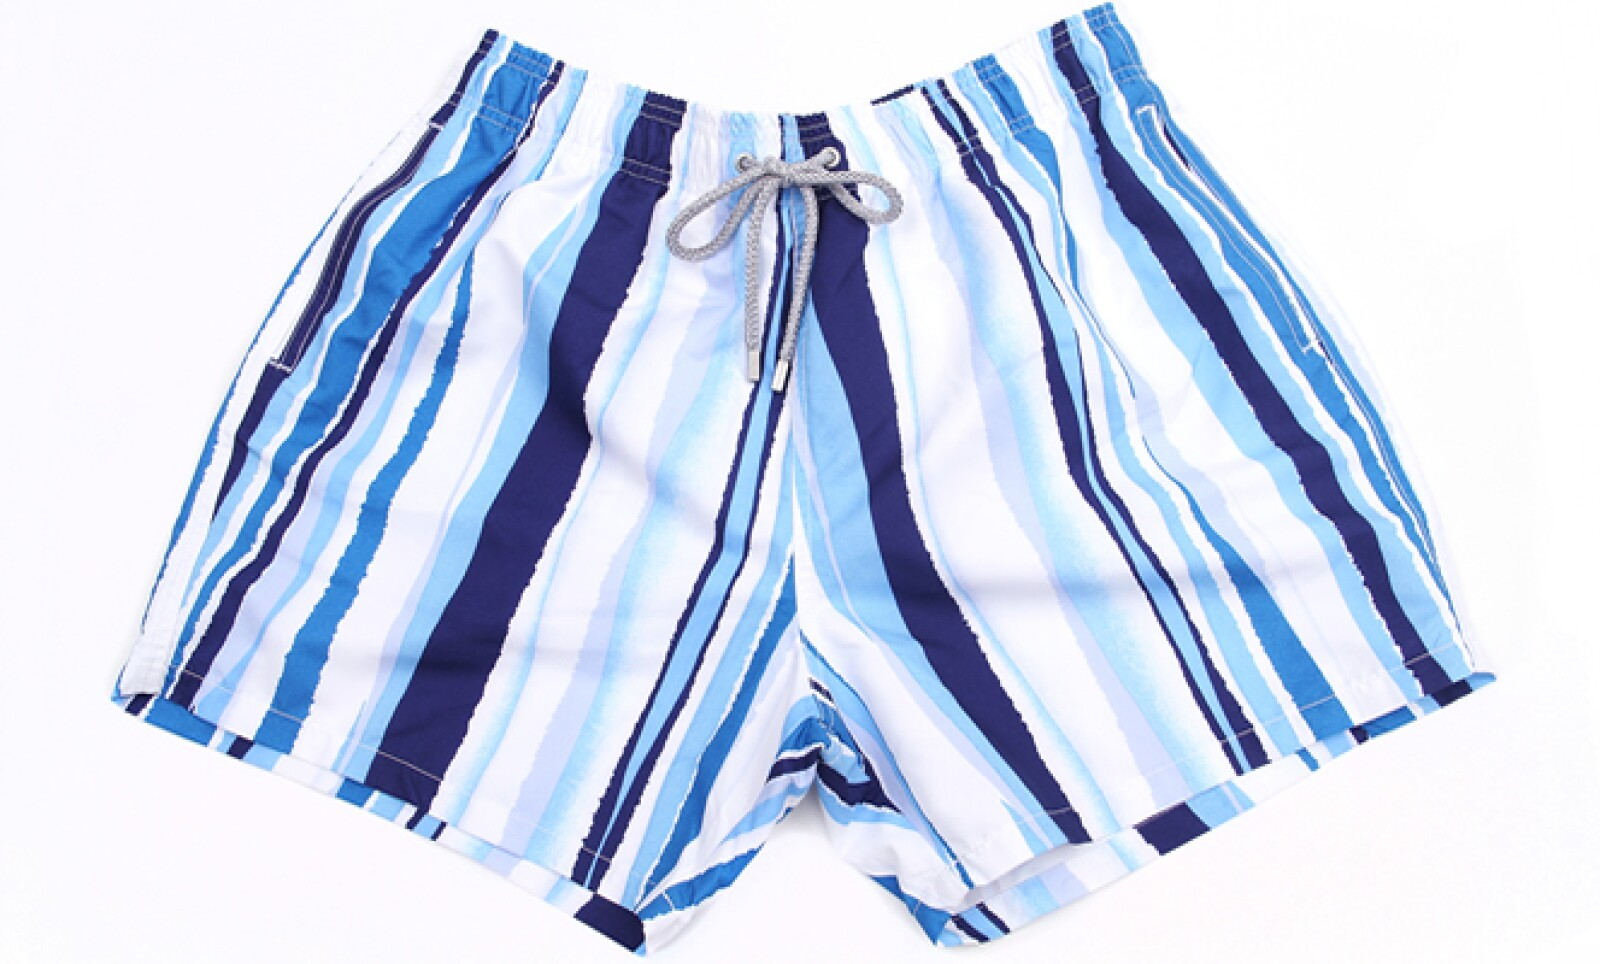 Bugatchi Uomo presentó su colección primavera-verano 2013.  Los trajes de baño en rayas y colores encendidos son una gran opción.